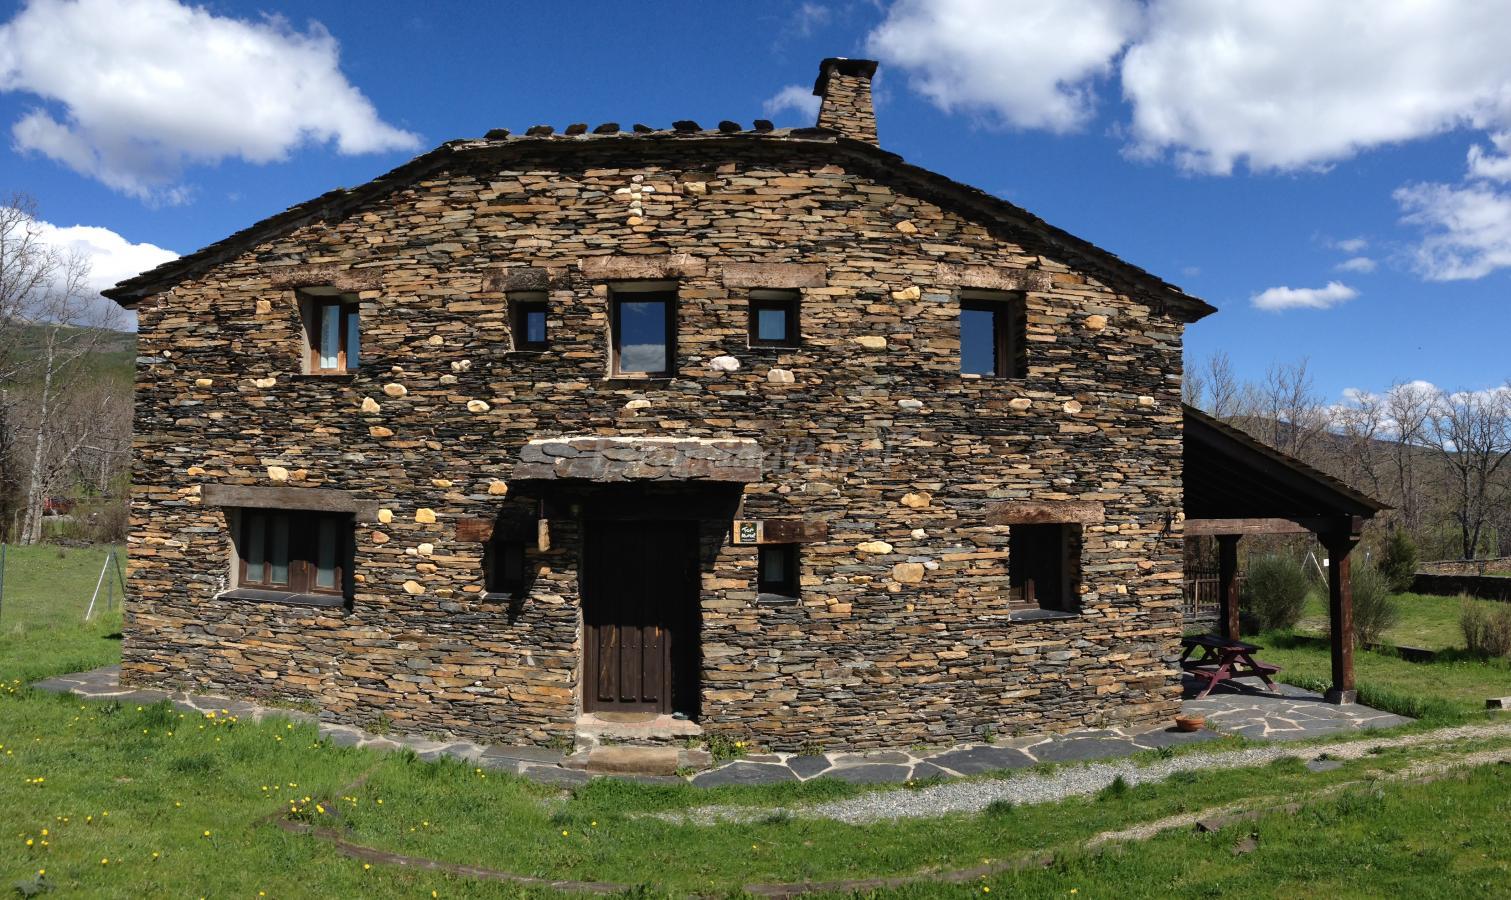 Fotos de la pizarra negra casa rural en campillejo guadalajara - Casas rurales guadalajara baratas ...